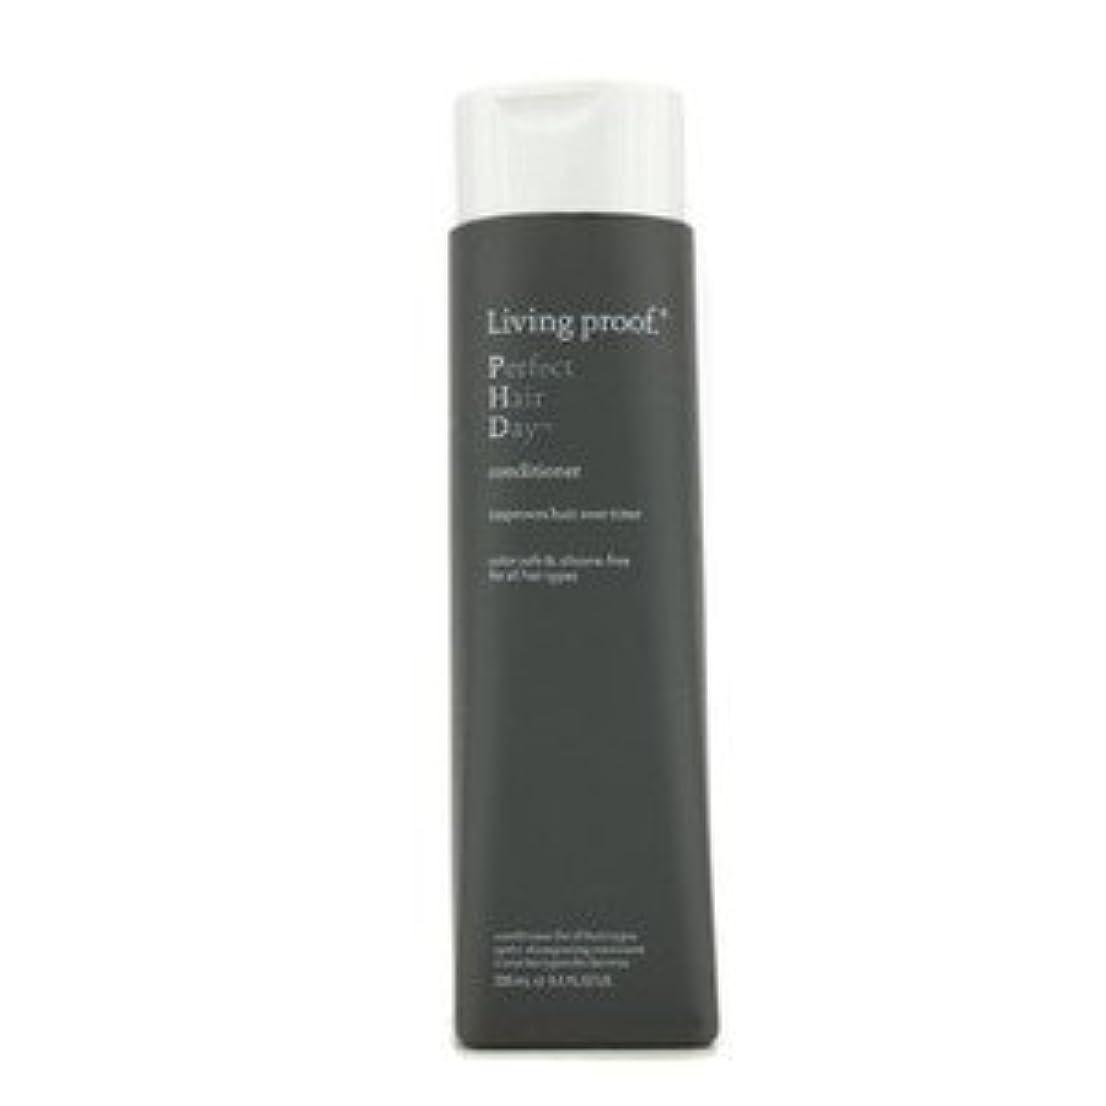 寄稿者特定の噴出するLiving Proof パーフェクト ヘア デイ コンディショナー(For All Hair Types) 236ml/8oz [並行輸入品]